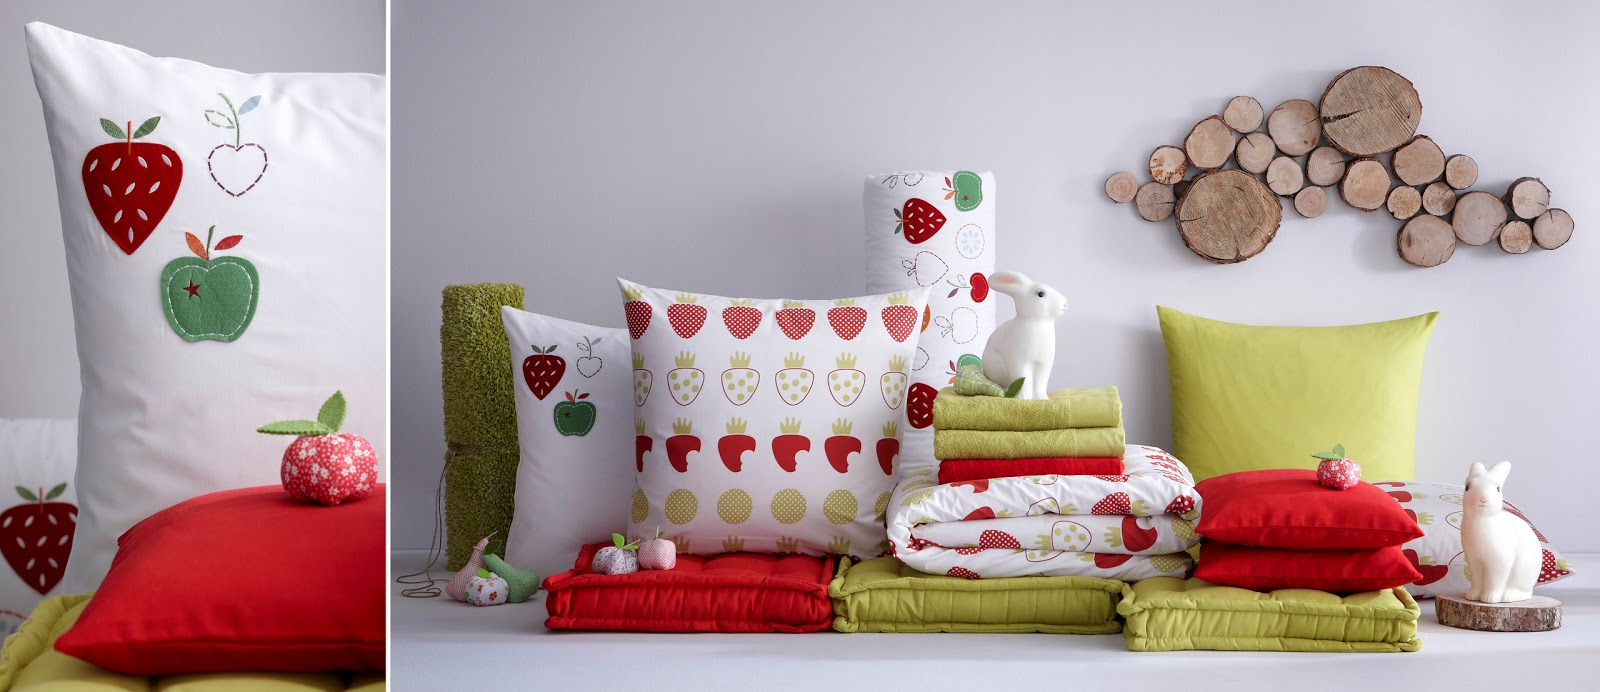 chambre enfant inspiration nature pop dekobook. Black Bedroom Furniture Sets. Home Design Ideas